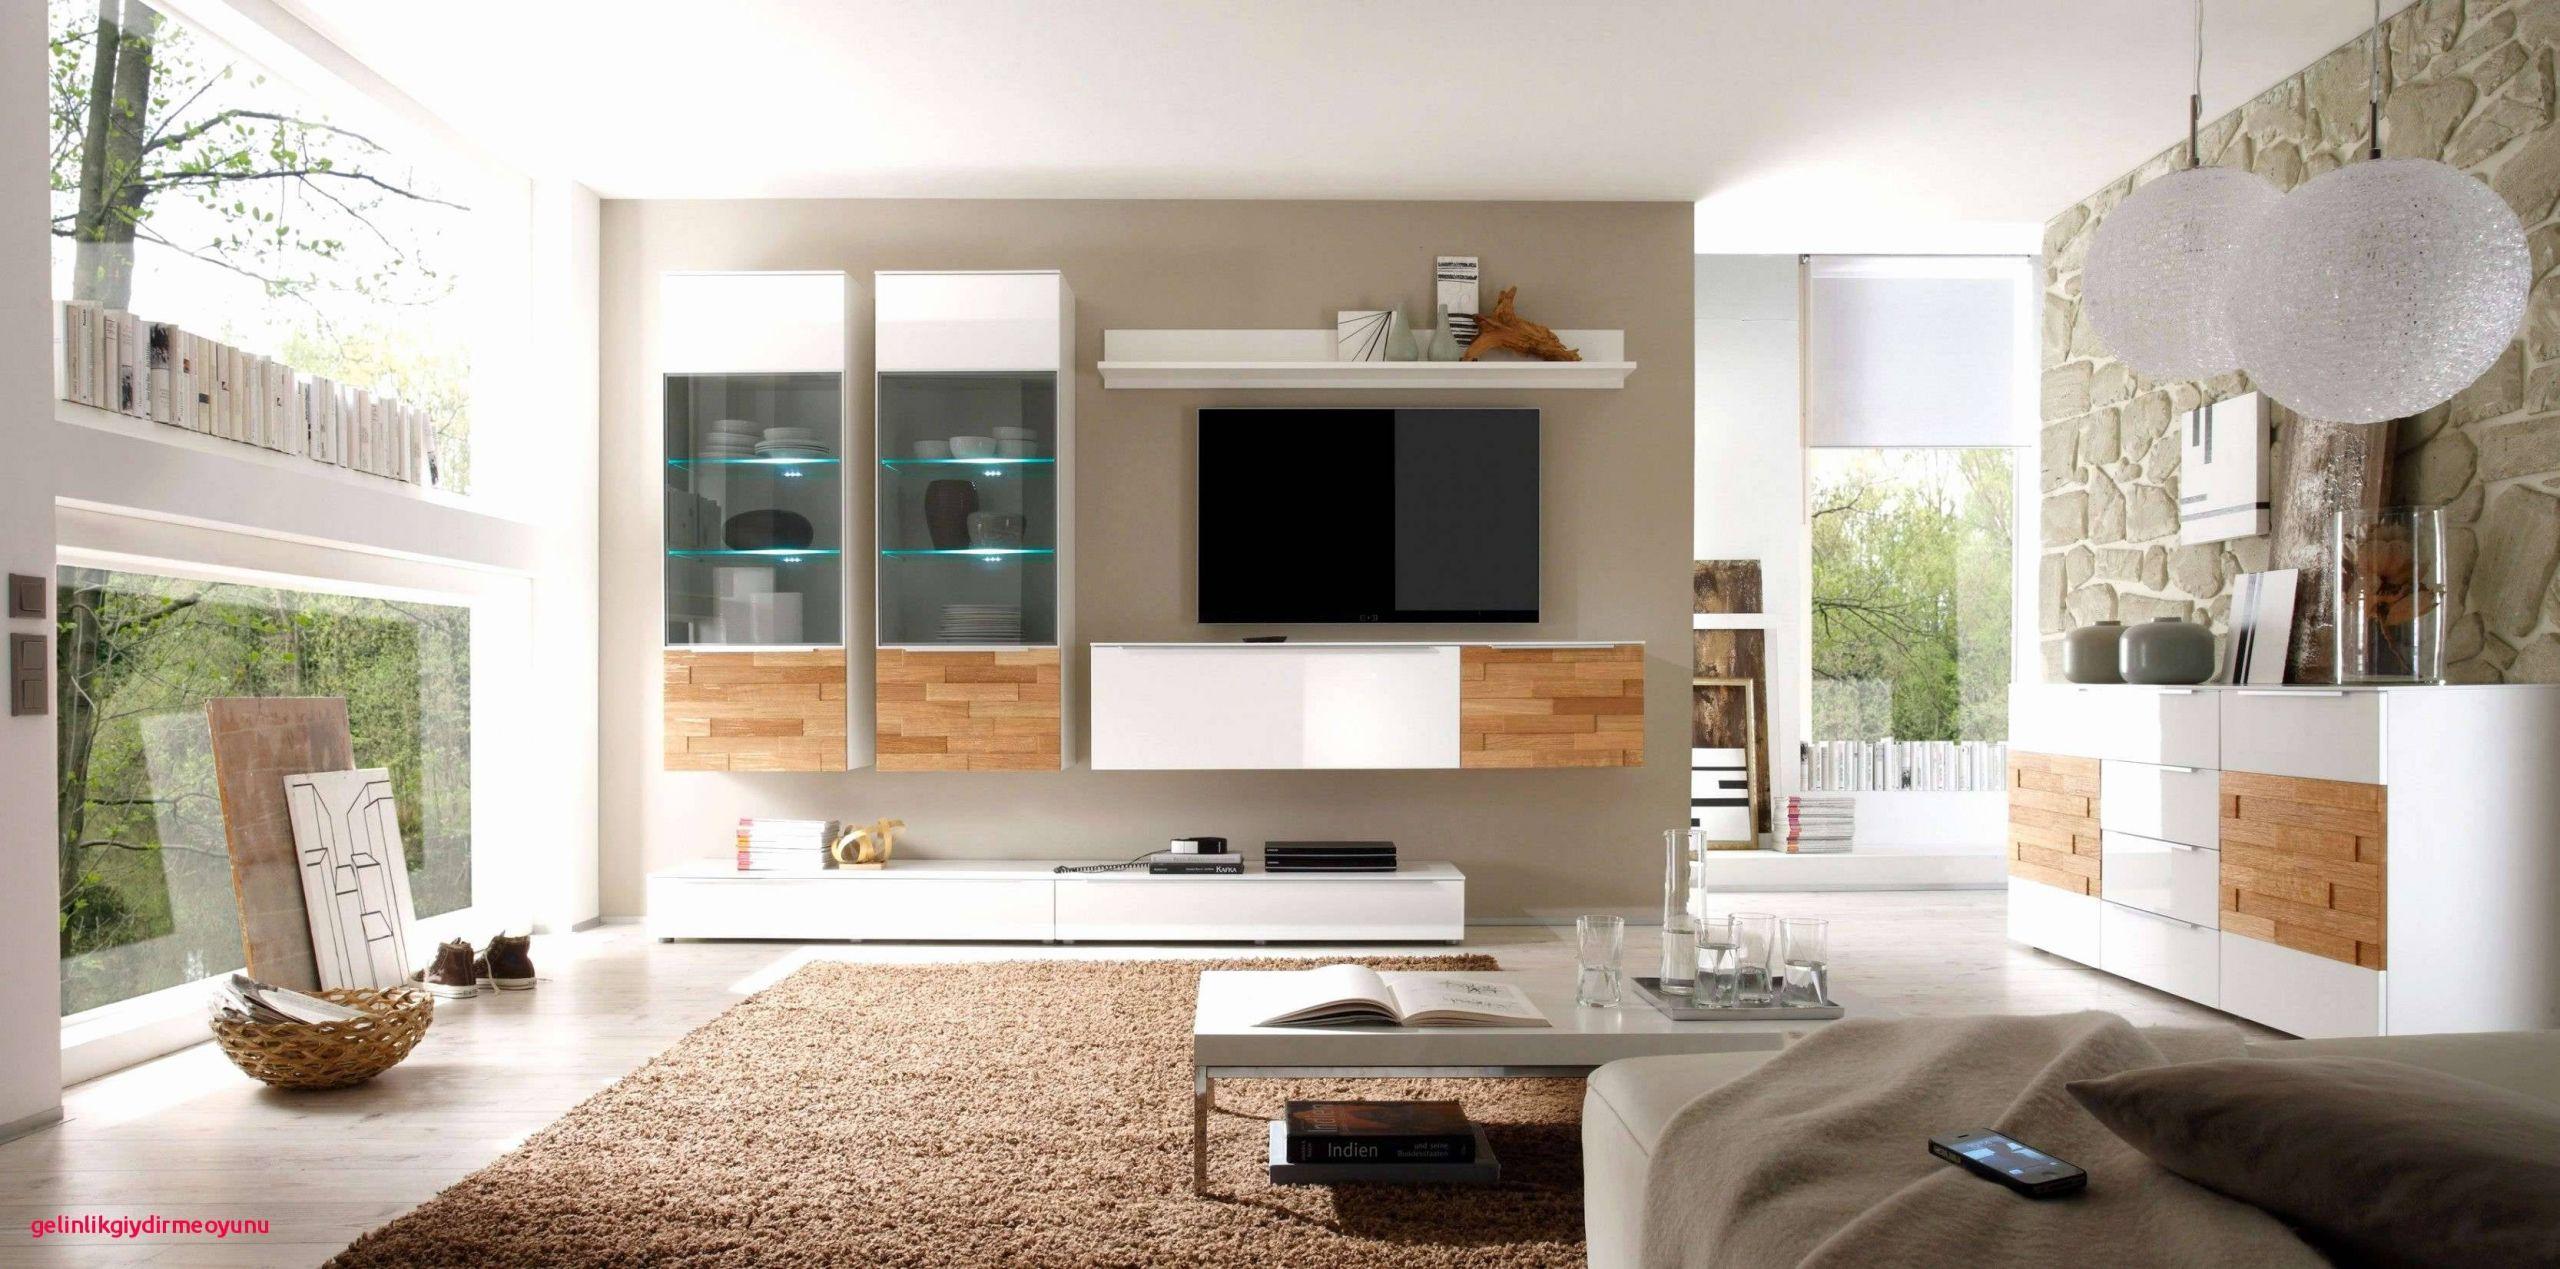 holz wohnzimmer deko new deko idee holz neu deko haus holz beistelltisch holz 0d home sets of holz wohnzimmer deko